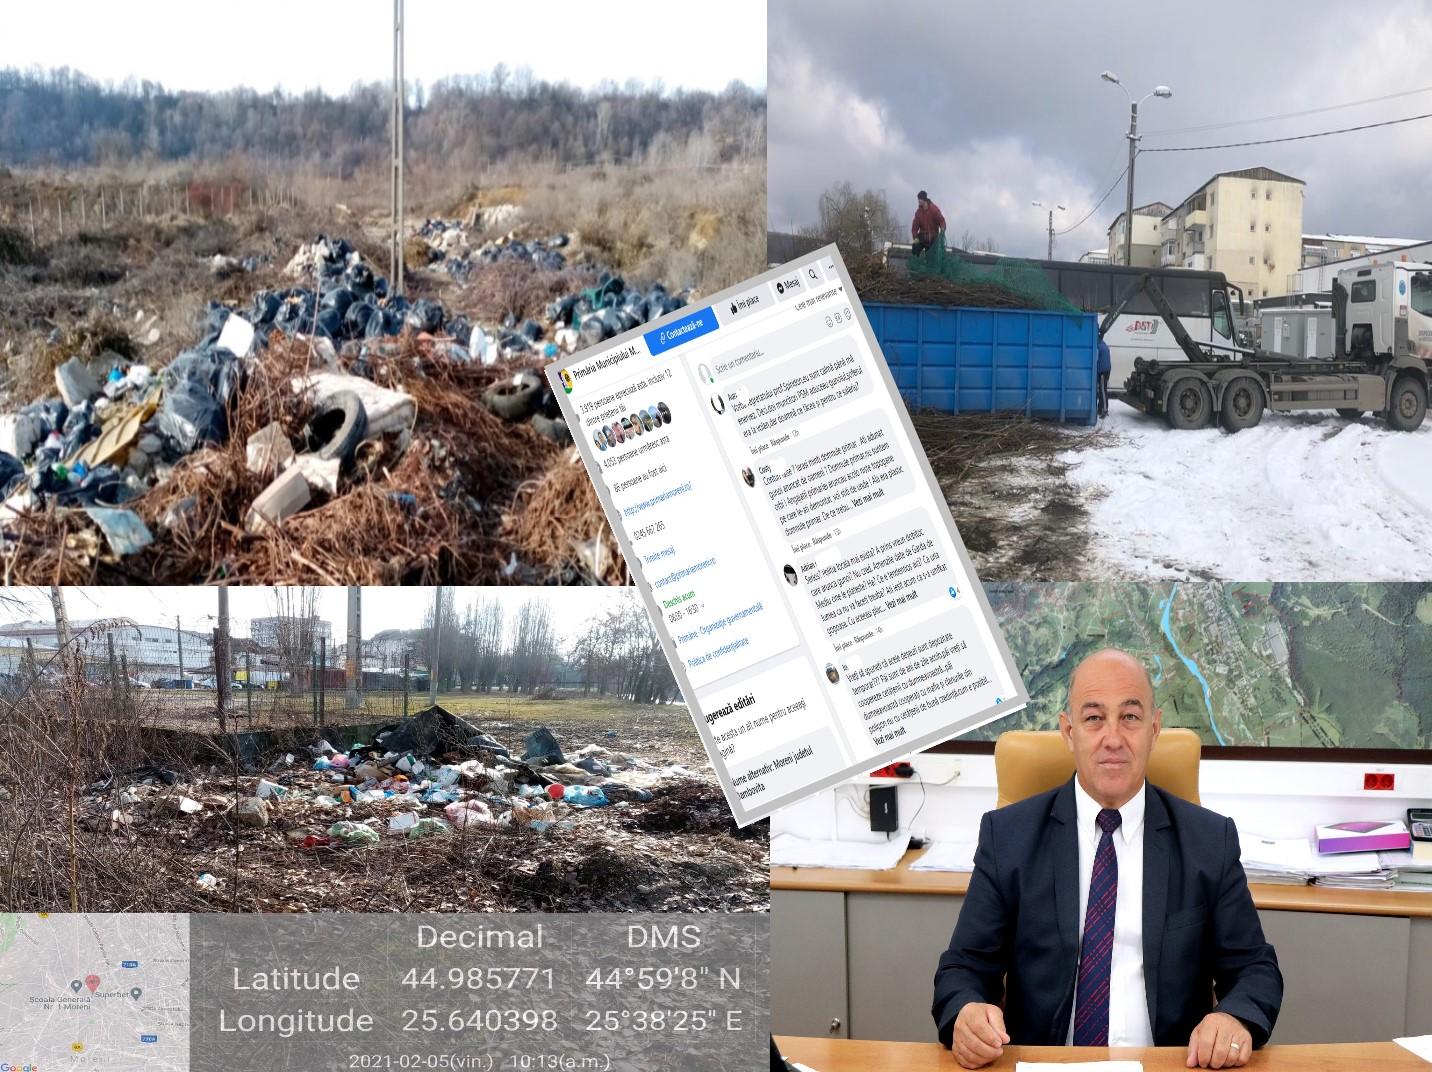 Penibil! Primăria Moreni dă vina pe presă și pe locuitorii municipiului...pentru gunoiul